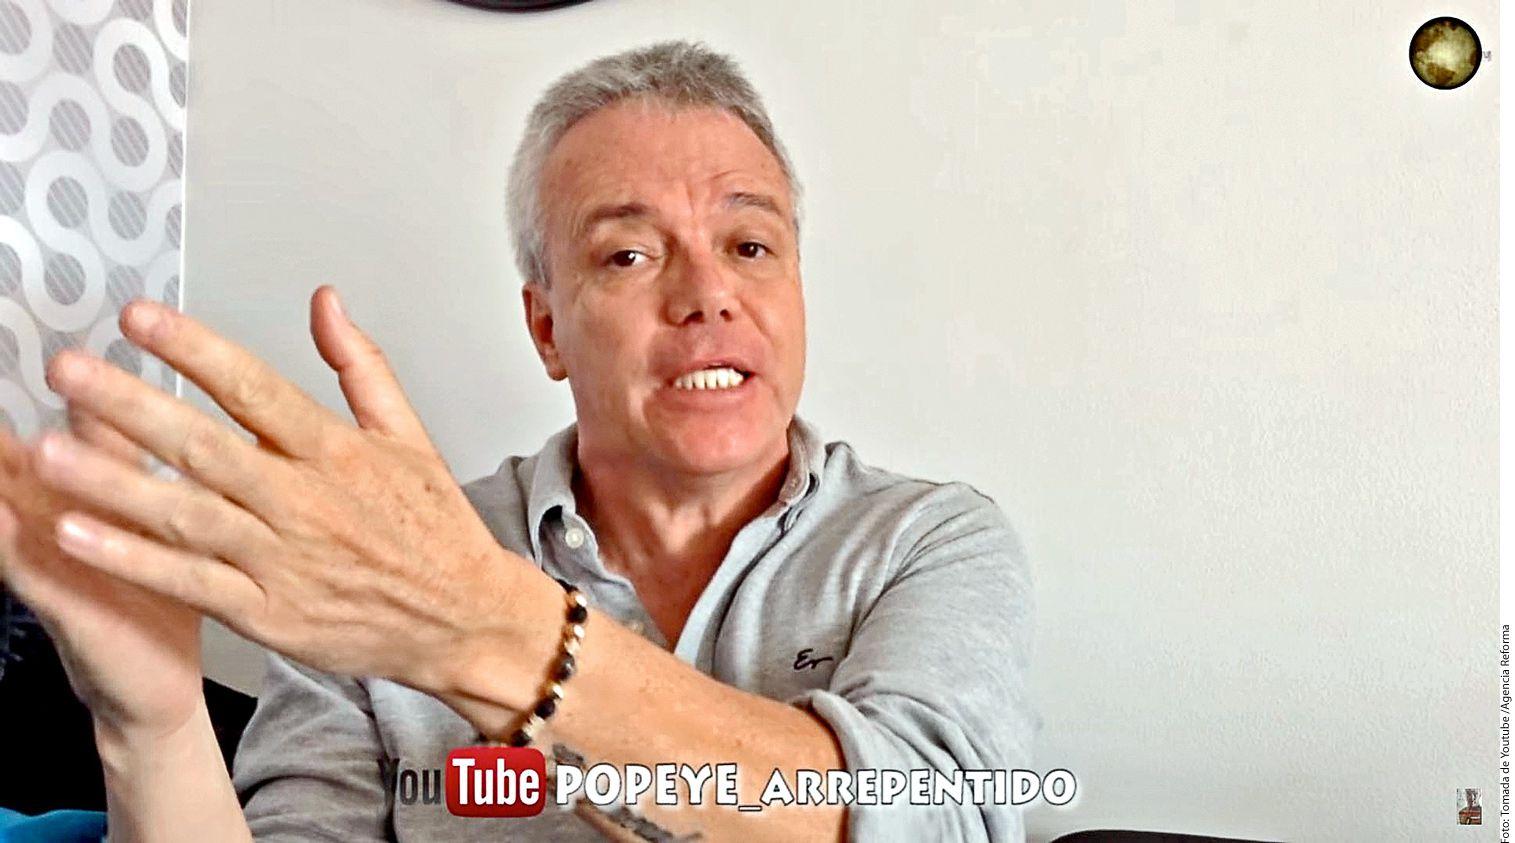 """John Jairo Velásquez (foto), conocido como """"Popeye"""", fue uno de los sicarios favoritos de Pablo Escobar y confesó haber participado en más de 3 mil asesinatos. Tras cumplir una condena de 23 años, """"Popeye"""" goza de una creciente fama como youtuber./AGENCIA REFORMA"""